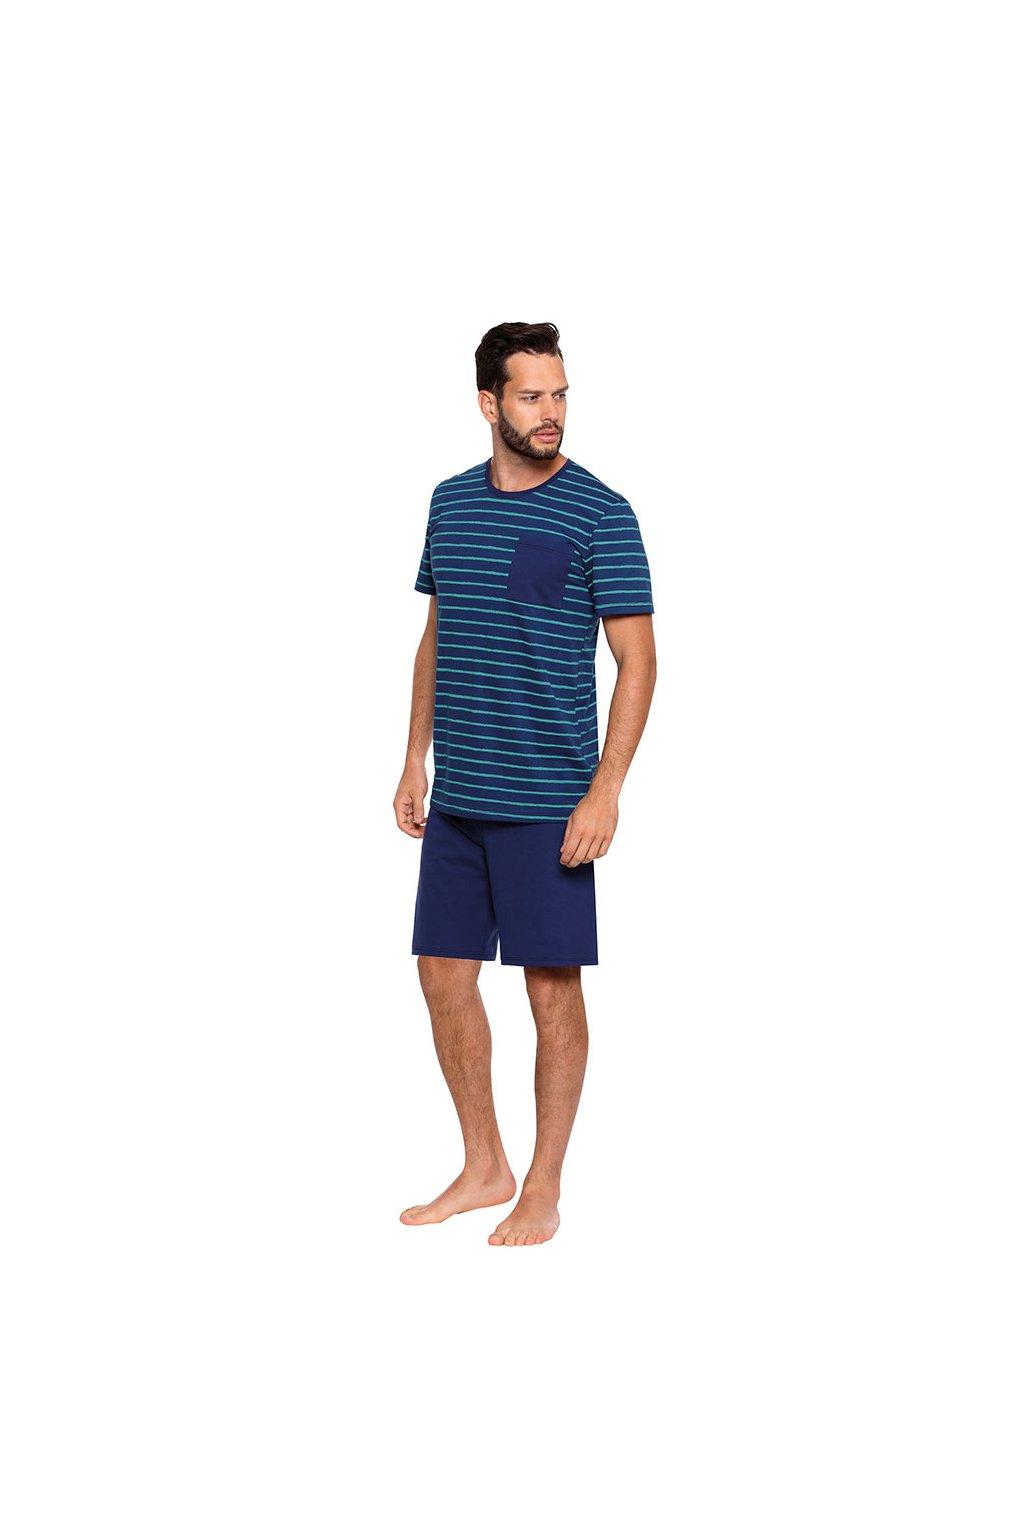 Pánské pyžamo s krátkým rukávem, 204119 208, modrá